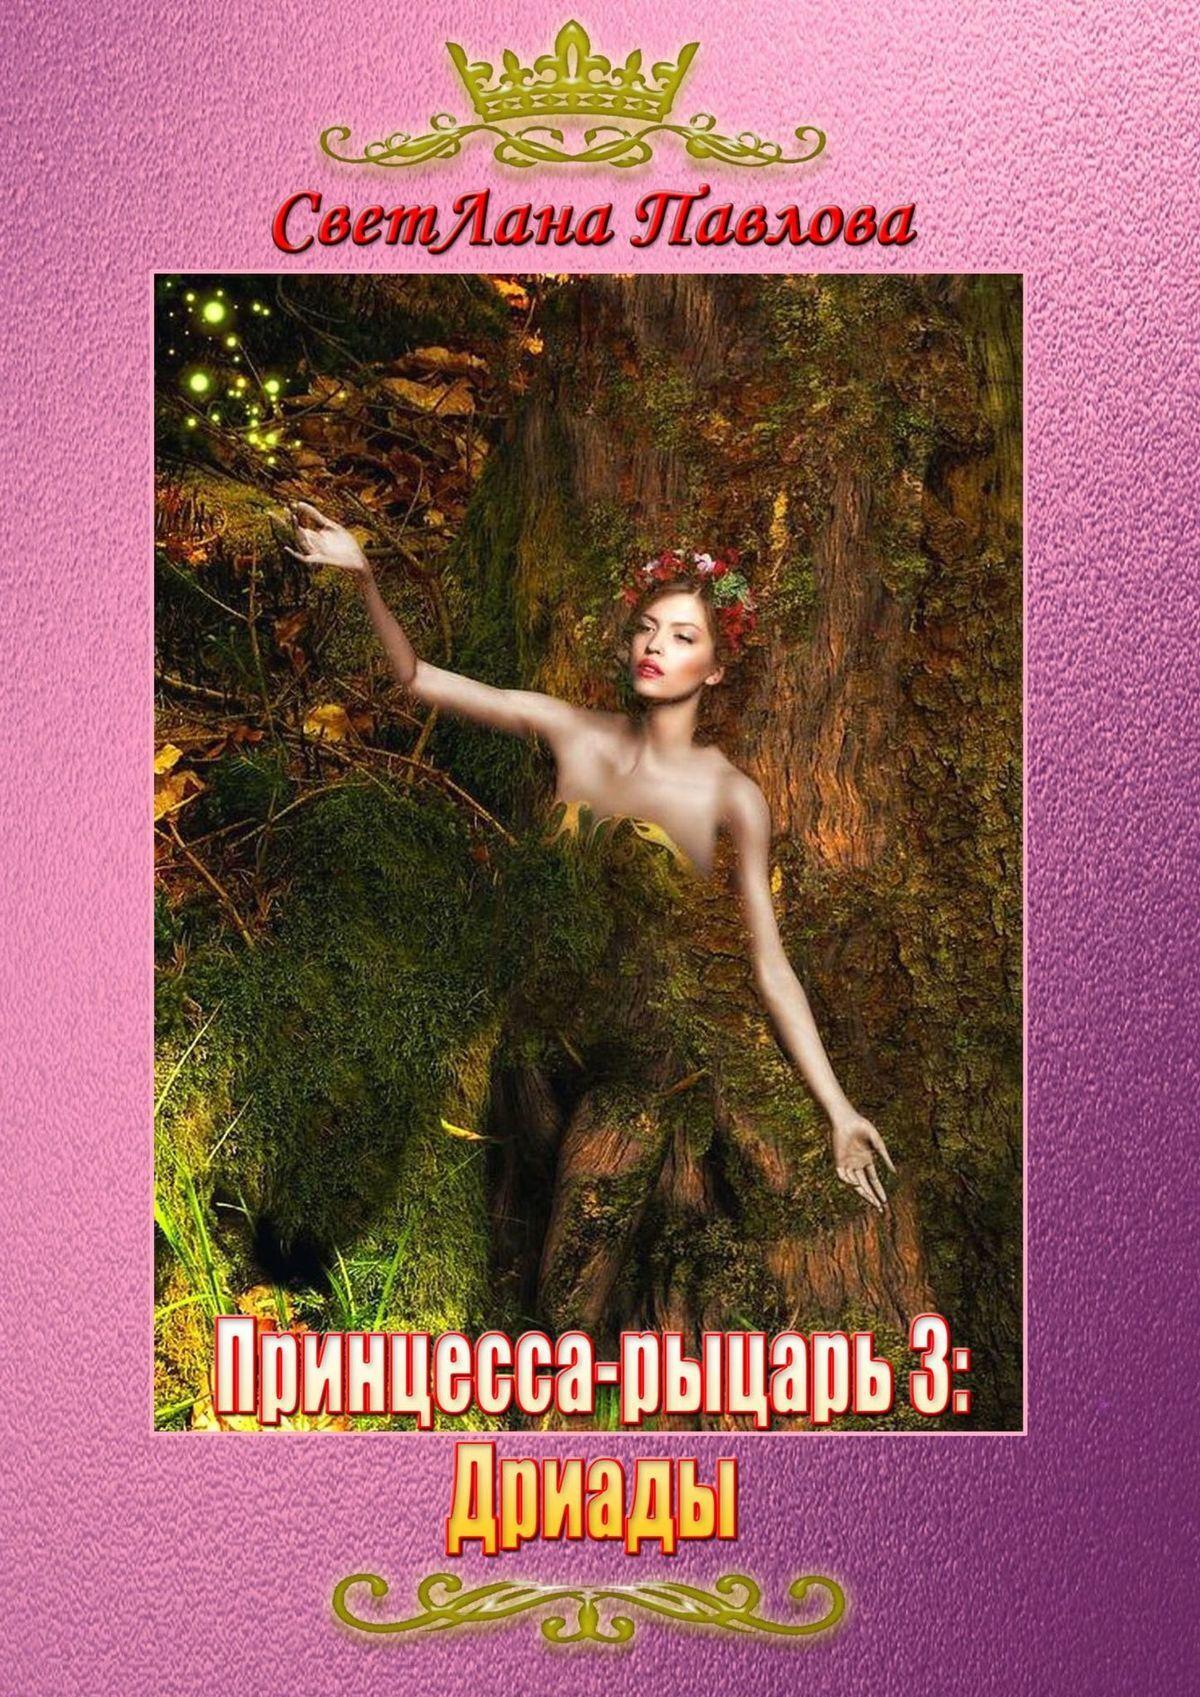 СветЛана Павлова Принцесса-рыцарь: Дриады. Книга 3 светлана павлова принцесса рыцарь сила и власть книга 4